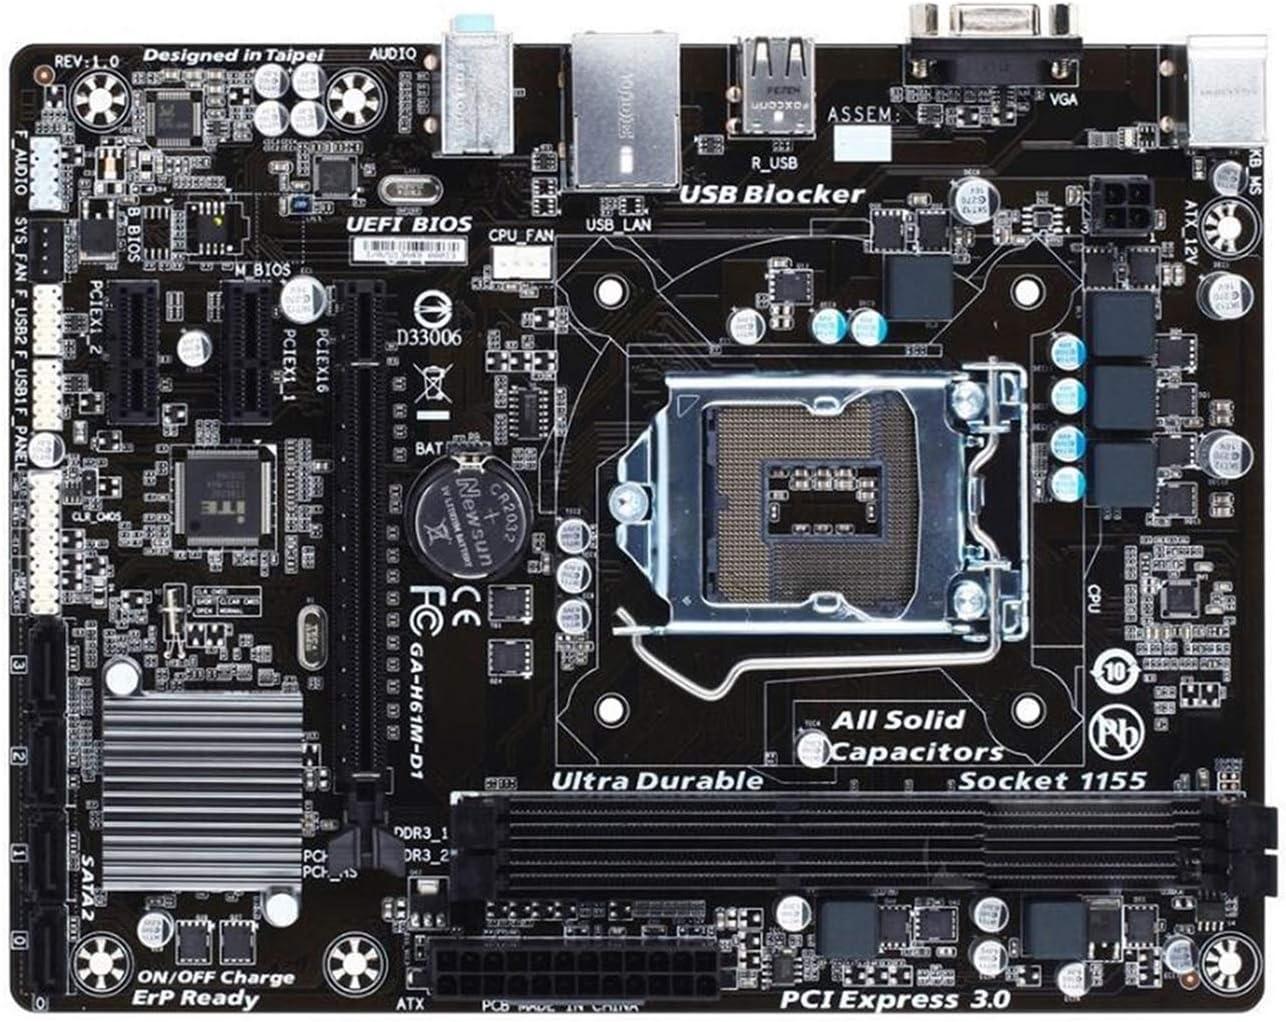 New arrival KOREY Max 83% OFF Desktop Motherboard Fit GA-H61M-D Gigabyte for